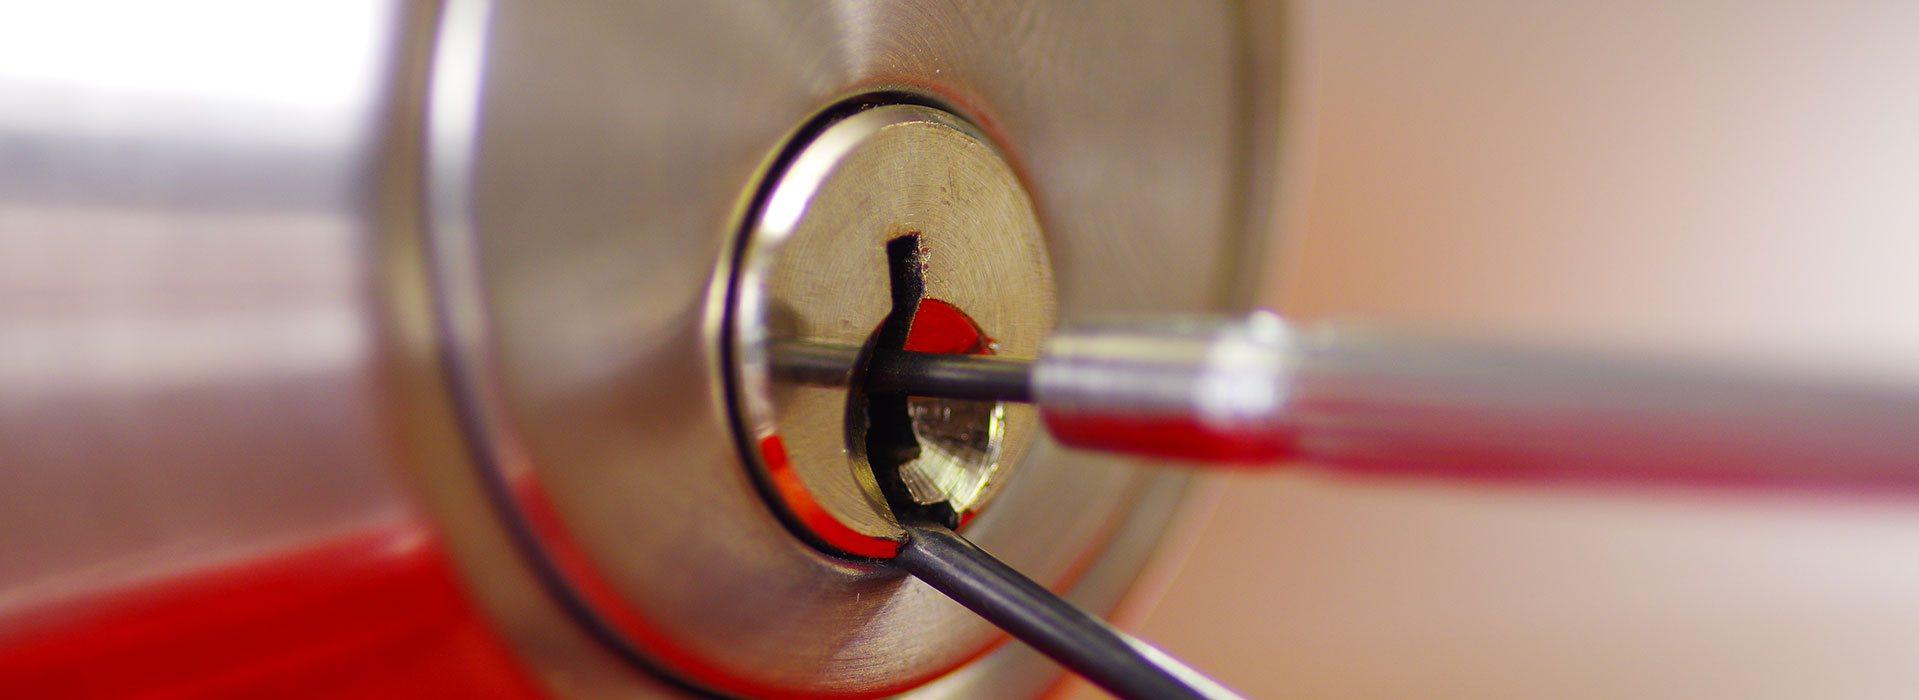 réparation de serrure, changement de serrure, remplacement de serrure, serrurier d'urgence, dépannage d'urgence